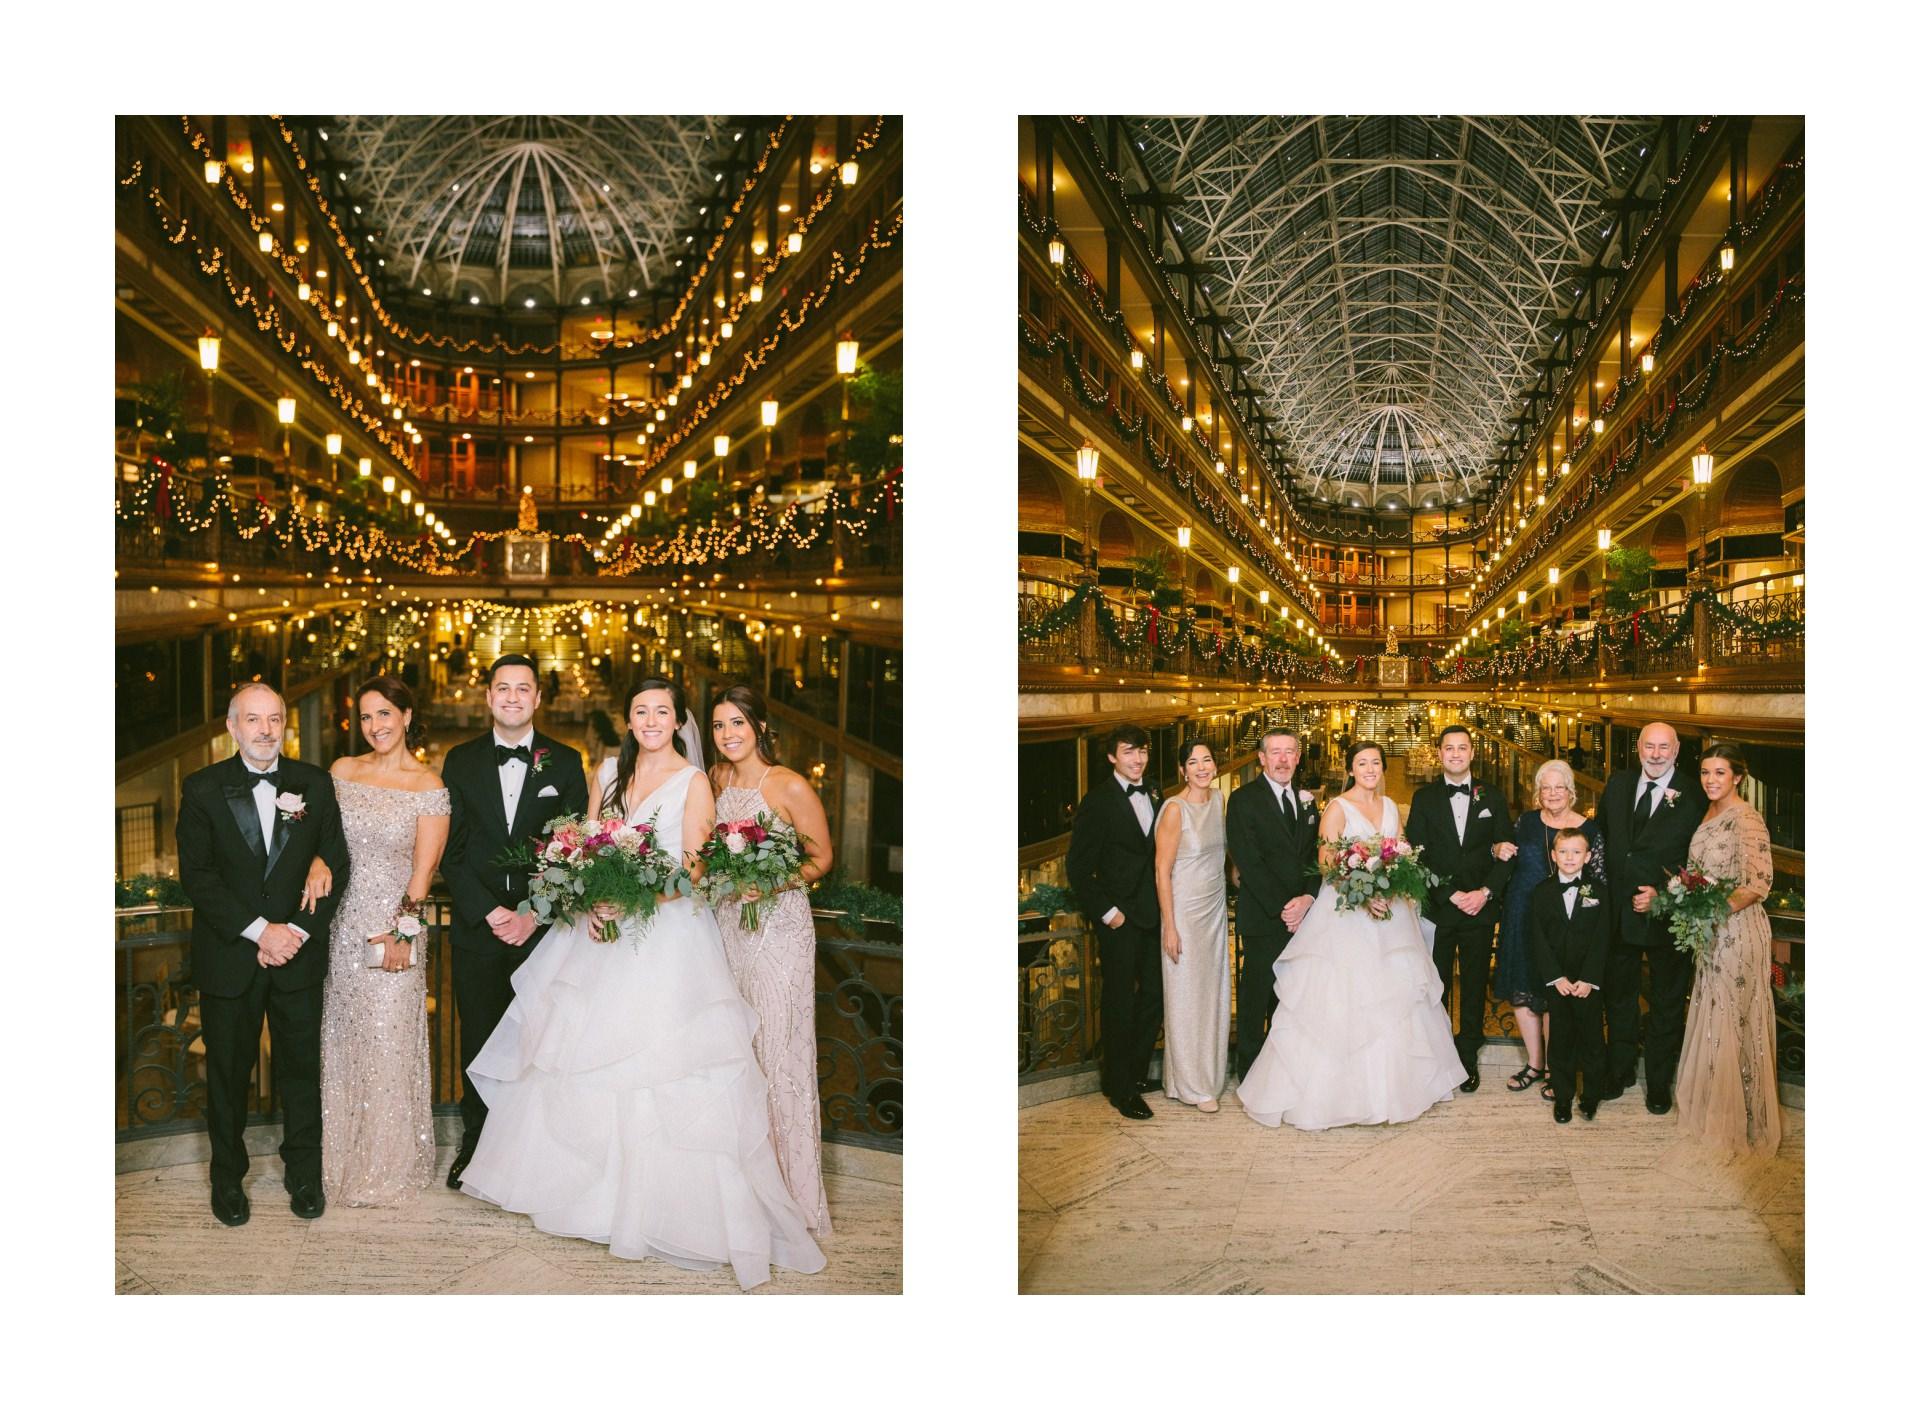 Hyatt Old Arcade Wedding Photographer in Cleveland 2 8.jpg